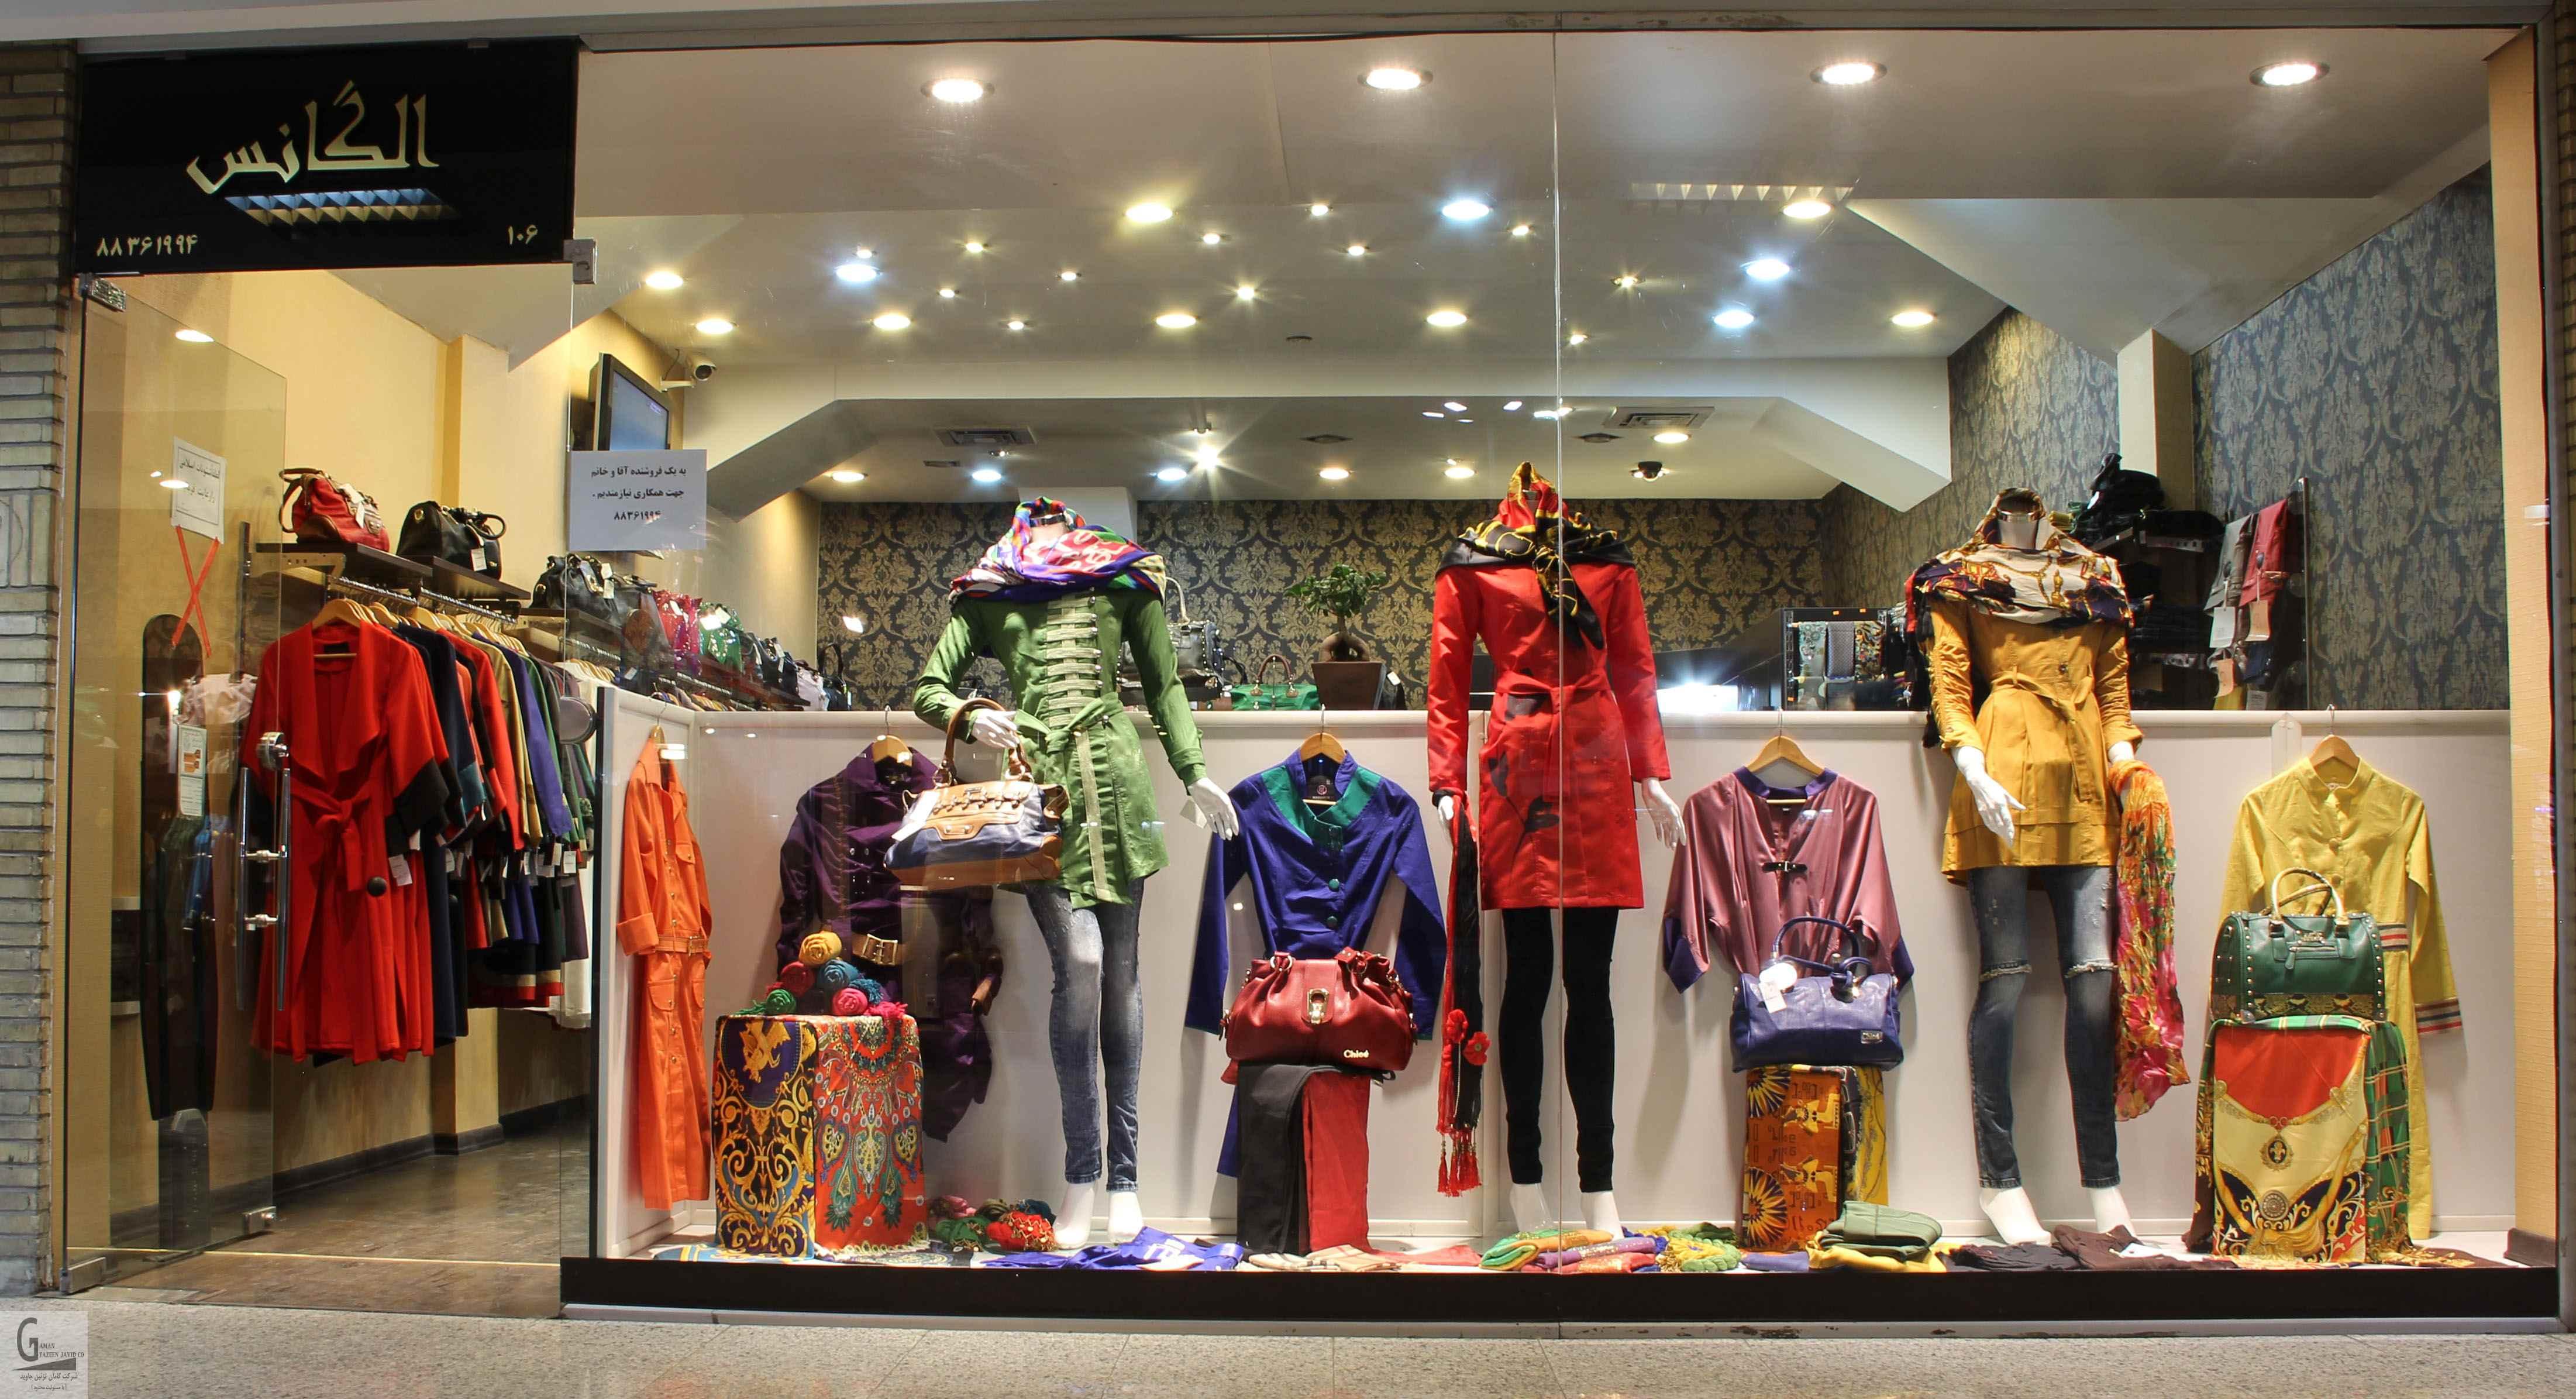 رعایت جنسیت در دکوراسیون داخلی مغازه